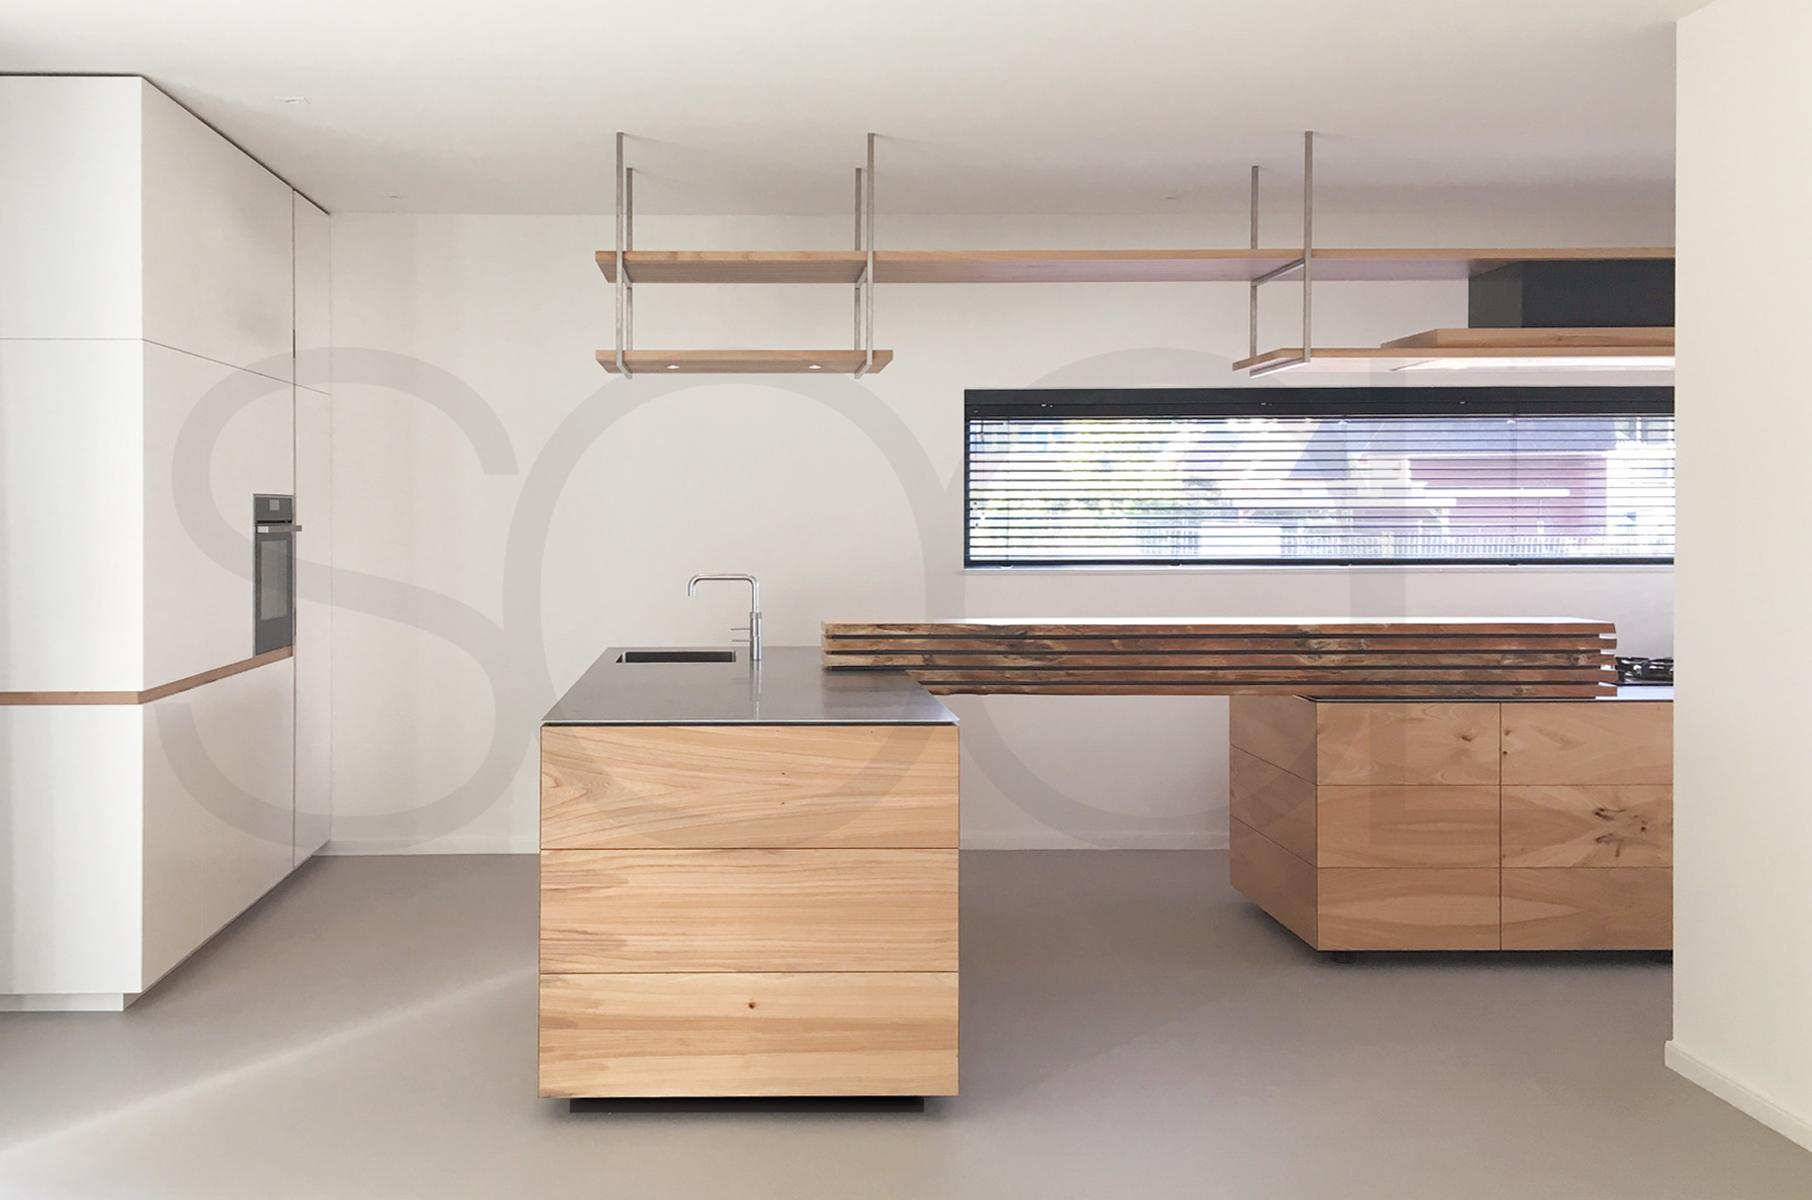 Keuken iepenhout Groningen 01